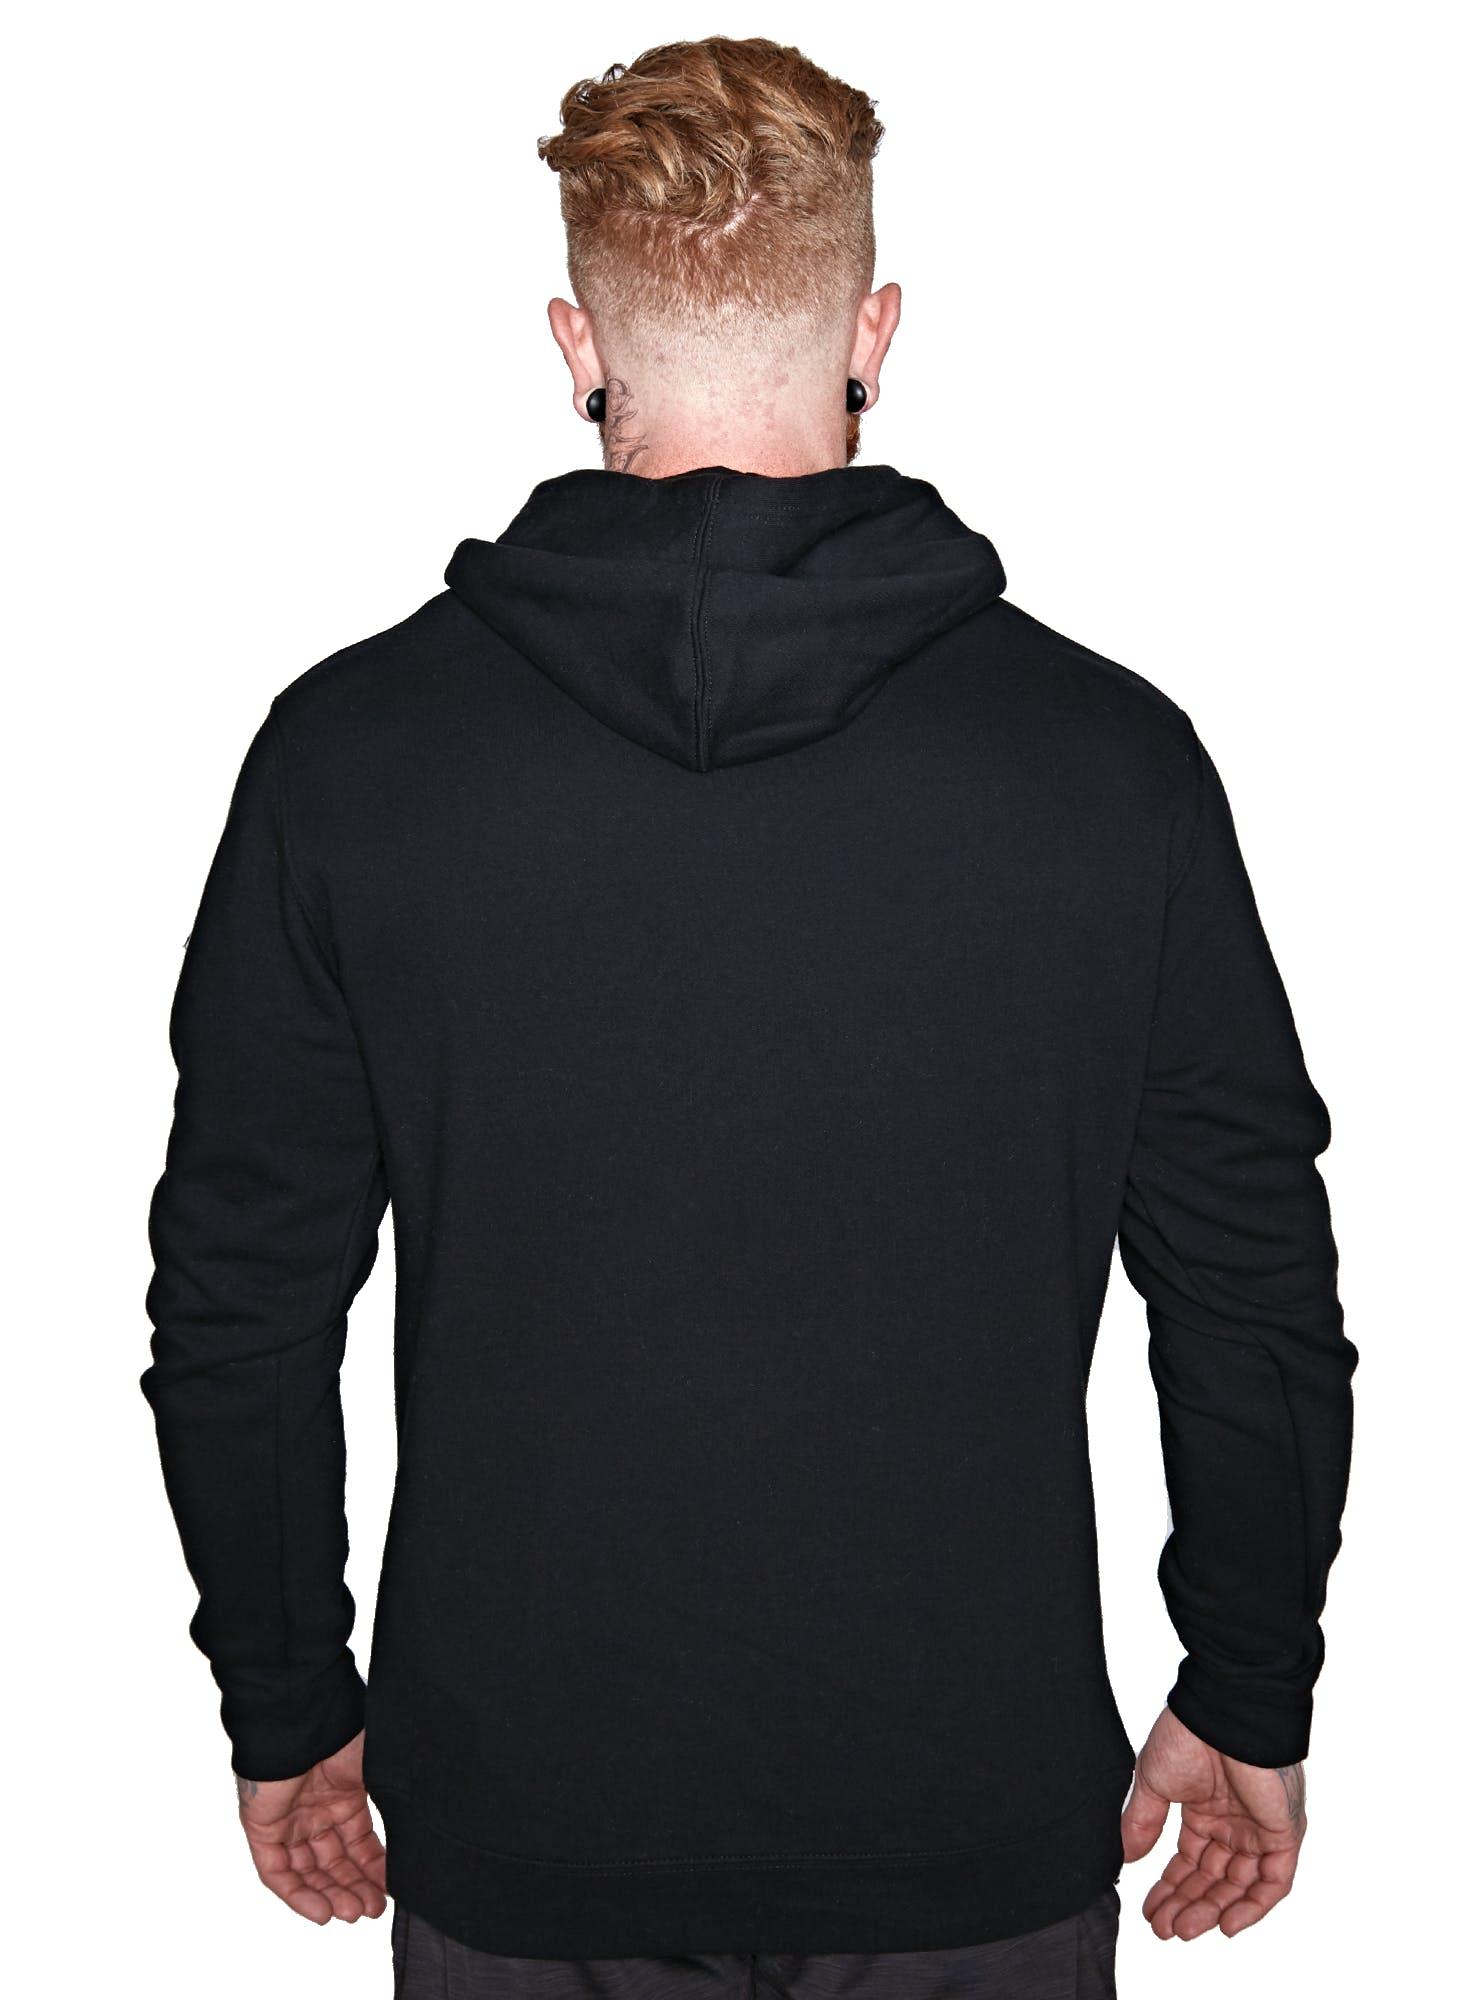 Wolf Skull Hooded Sweatshirt Bonus Image